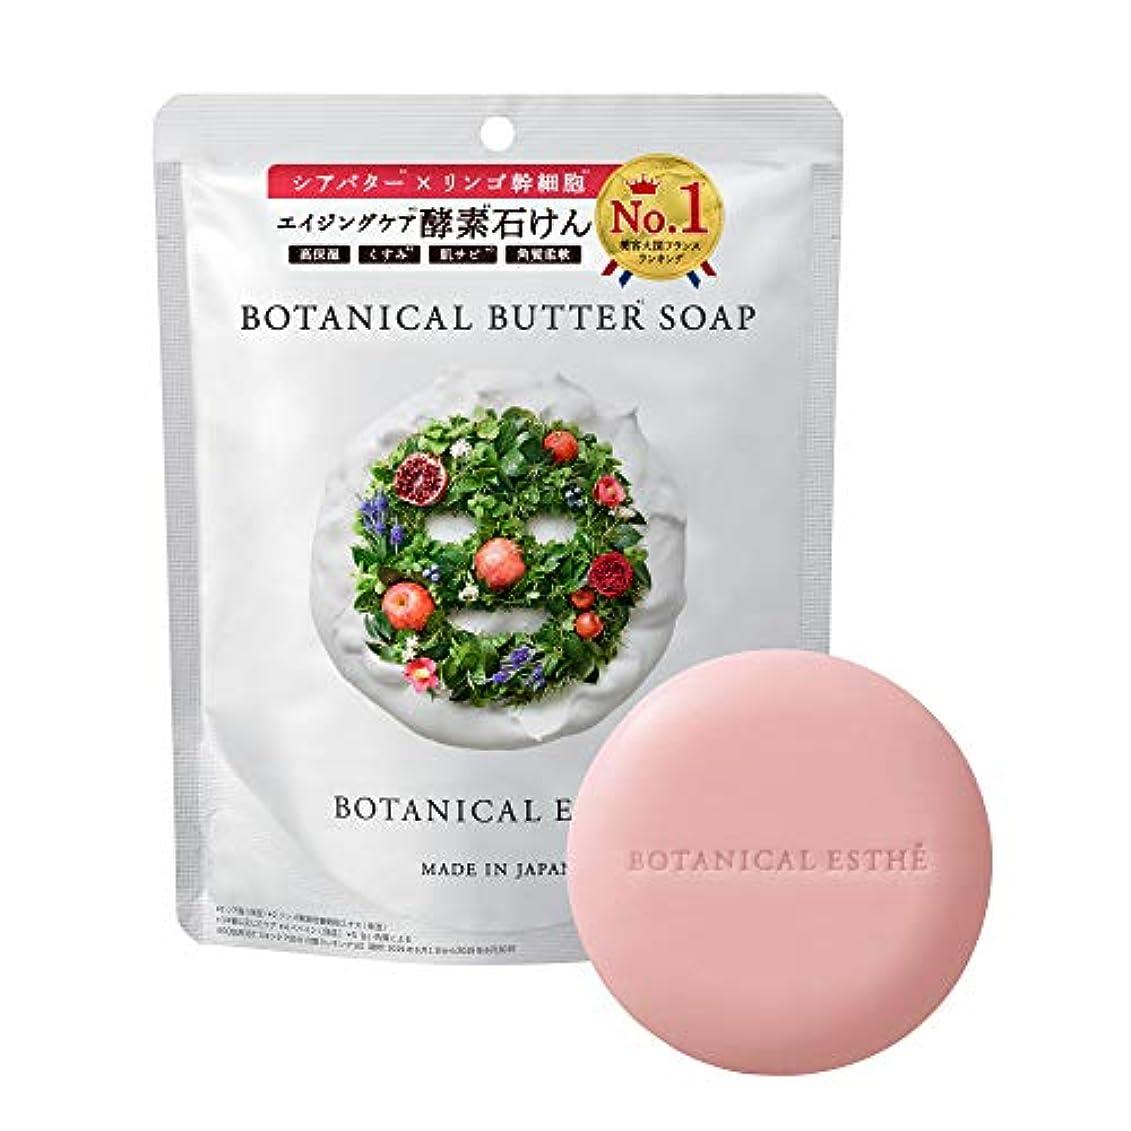 重要な役割を果たす、中心的な手段となるマージ自信があるBOTANICAL ESTHE ボタニカルエステ 洗顔石鹸 バターソープ 80g